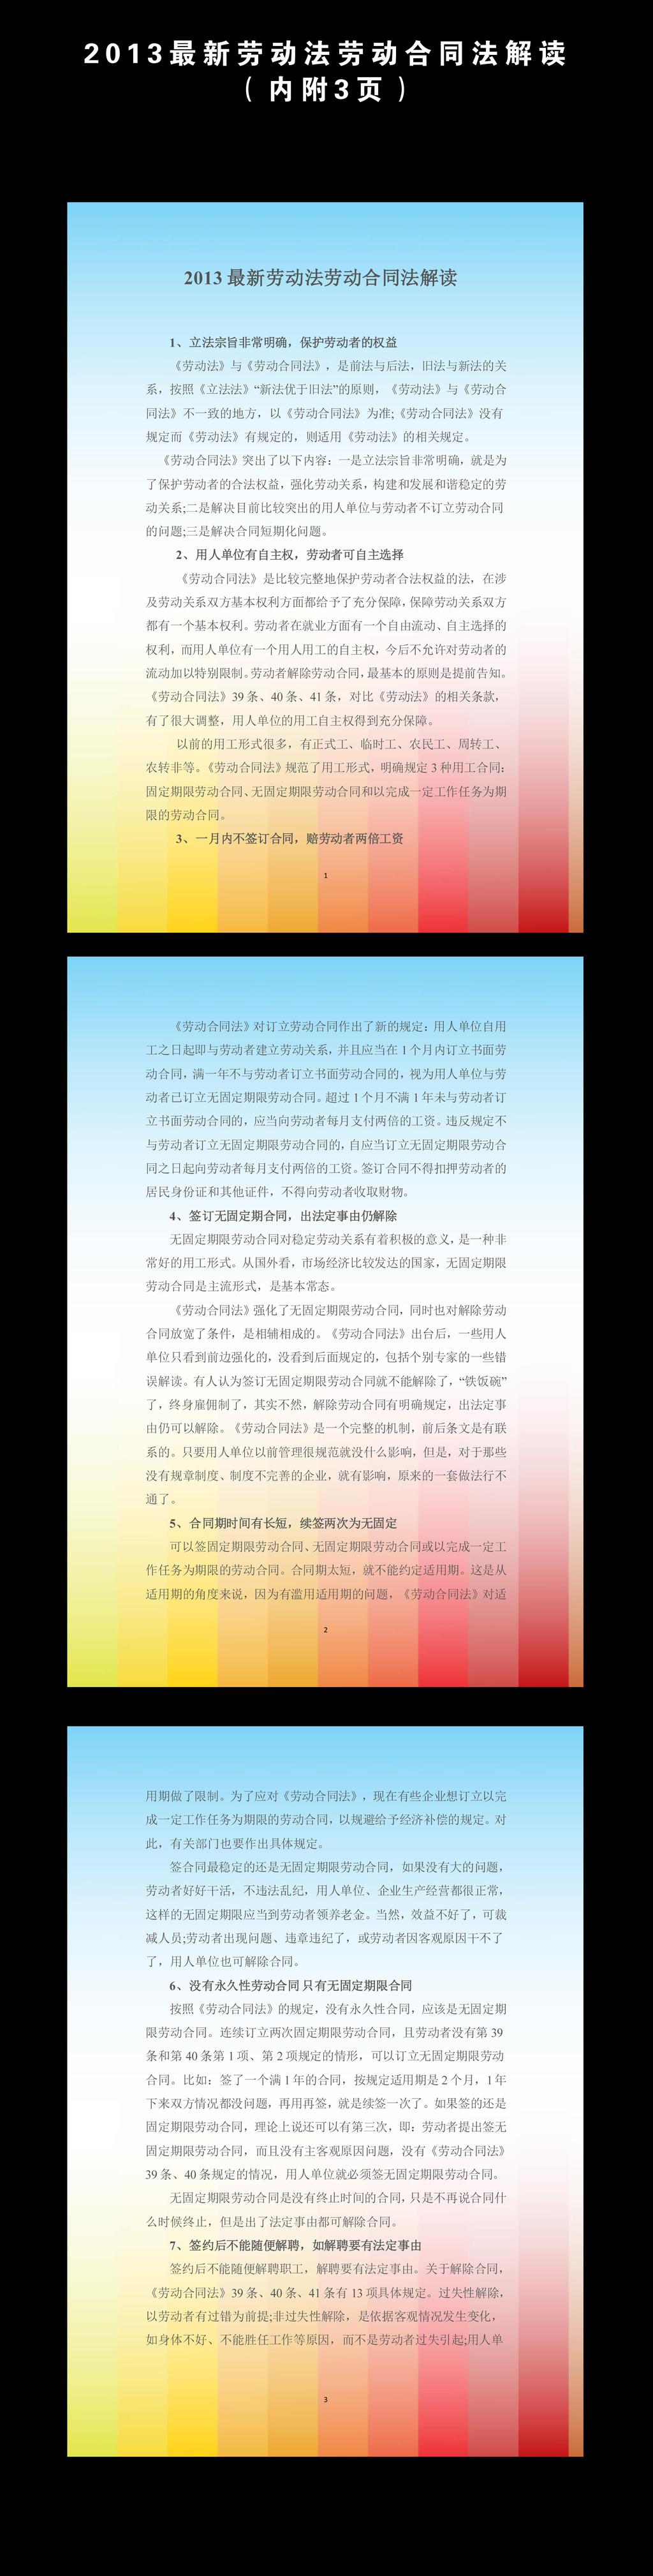 2013最新劳动法劳动合同法解读